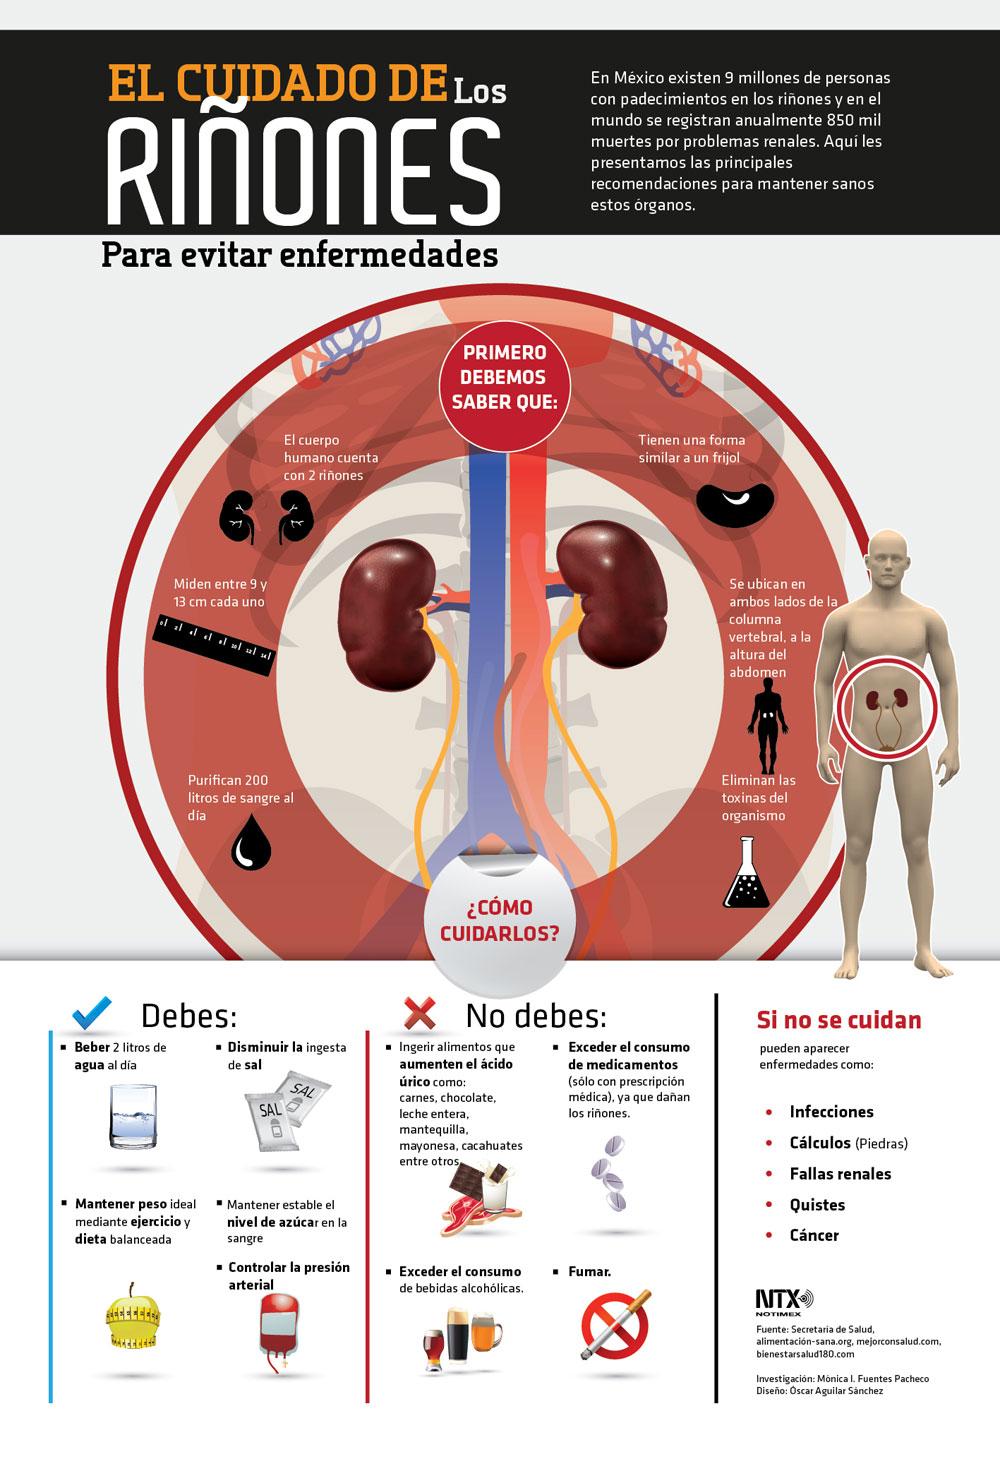 soluciones para la salud de la diabetes